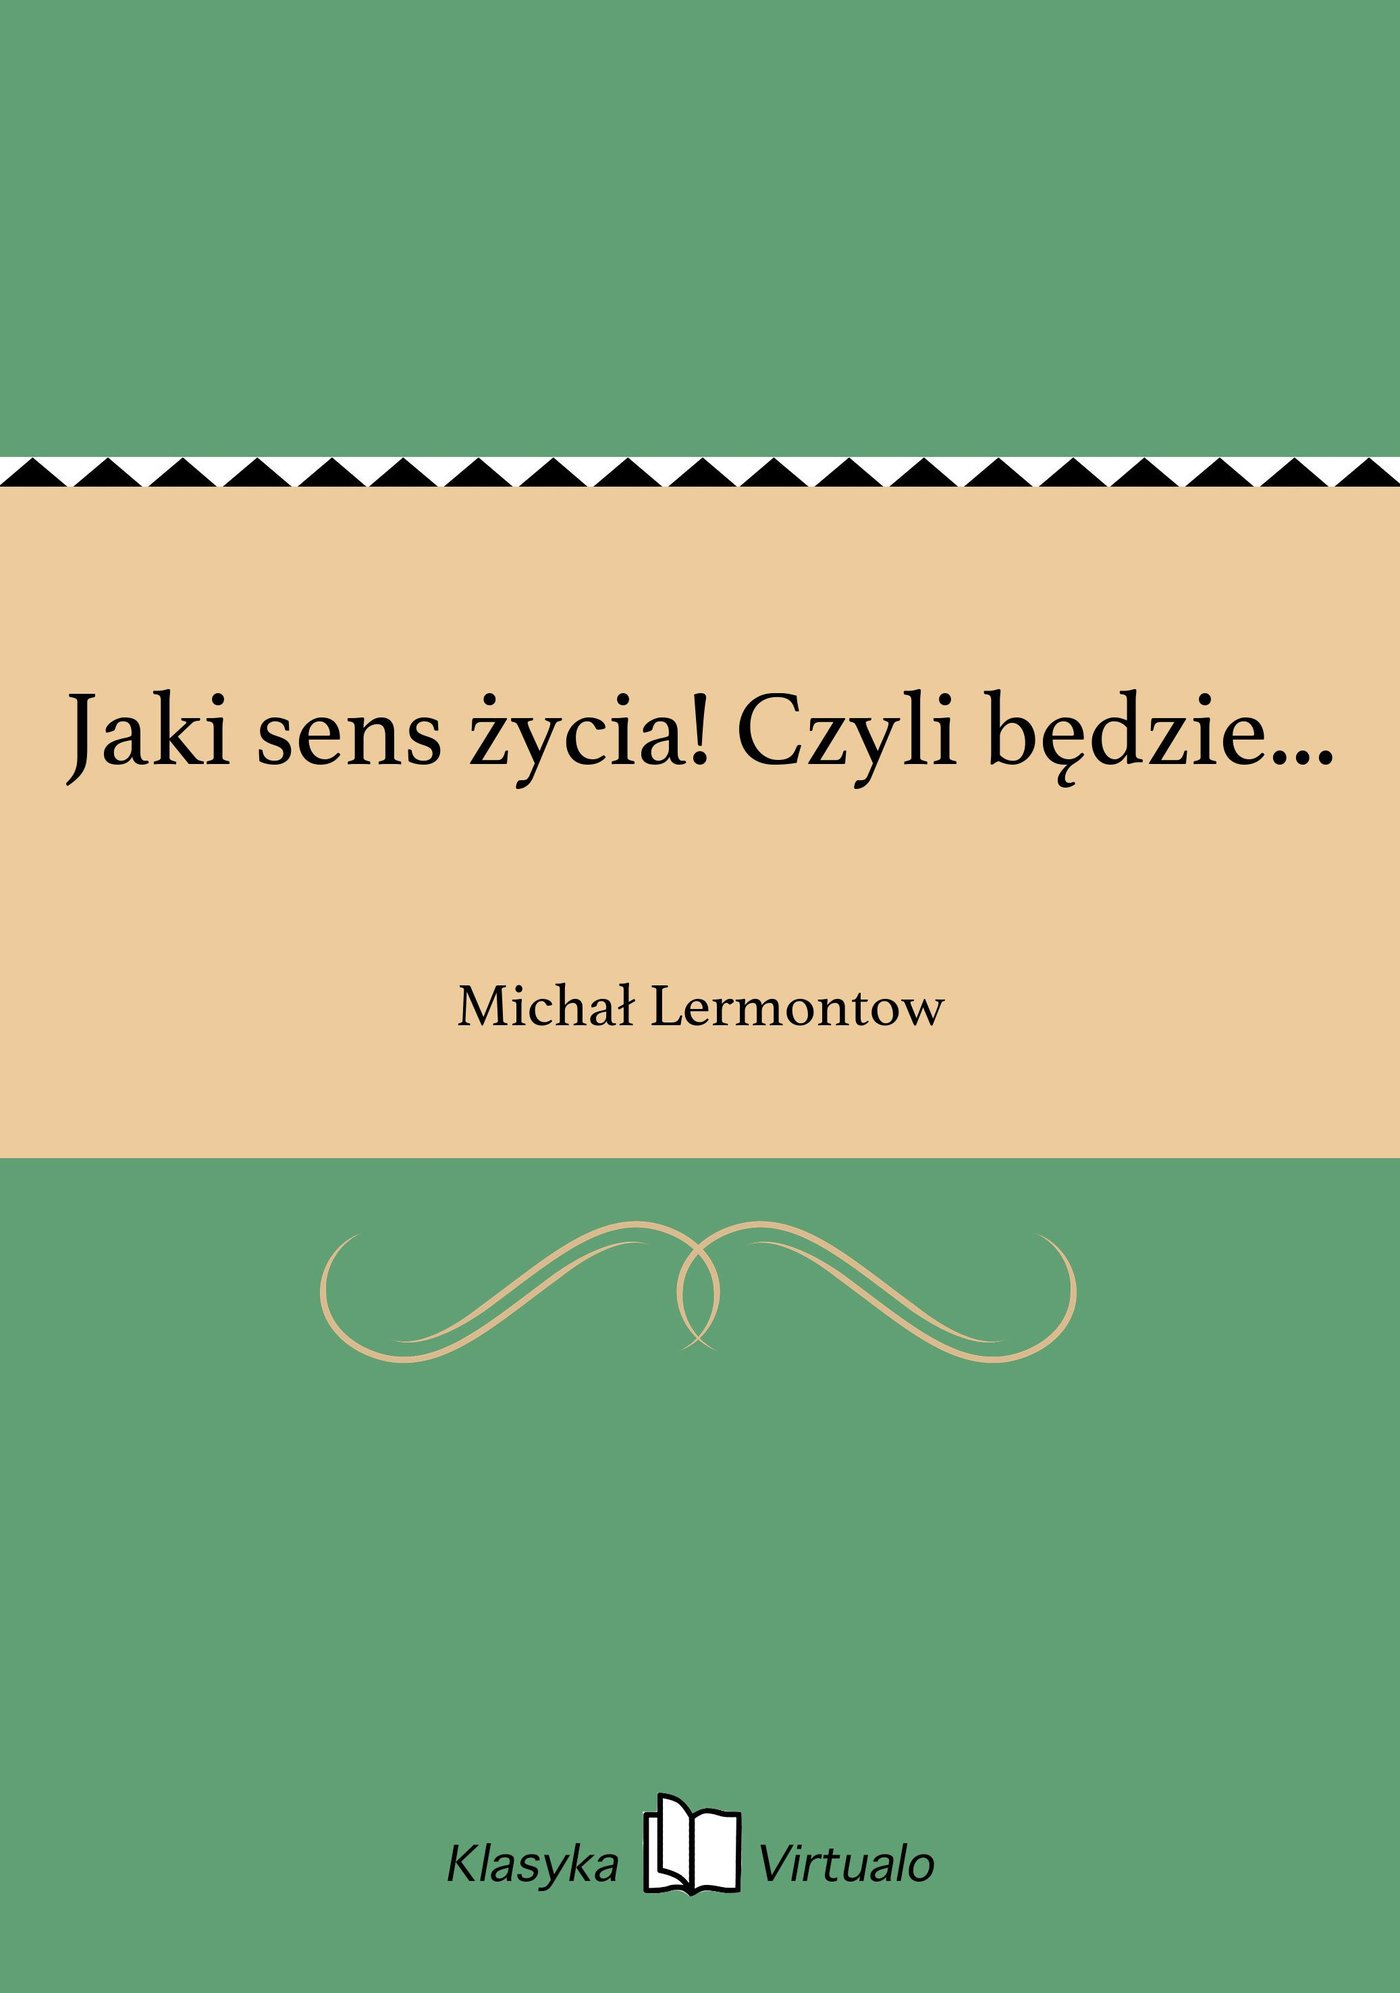 Jaki sens życia! Czyli będzie... - Ebook (Książka na Kindle) do pobrania w formacie MOBI